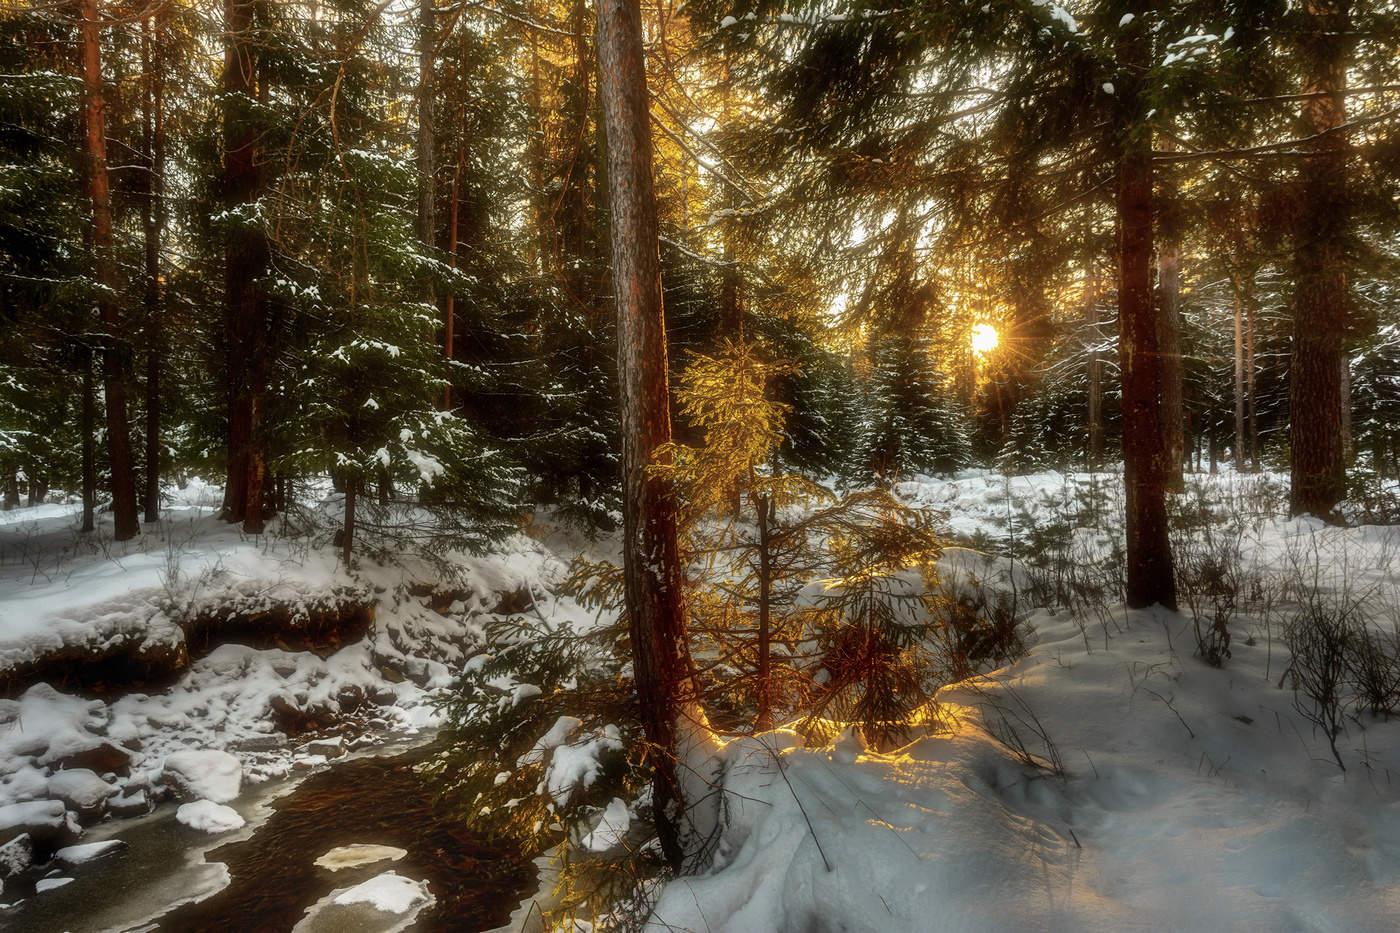 волка весенний вечер в лесу картинки одной них собаки